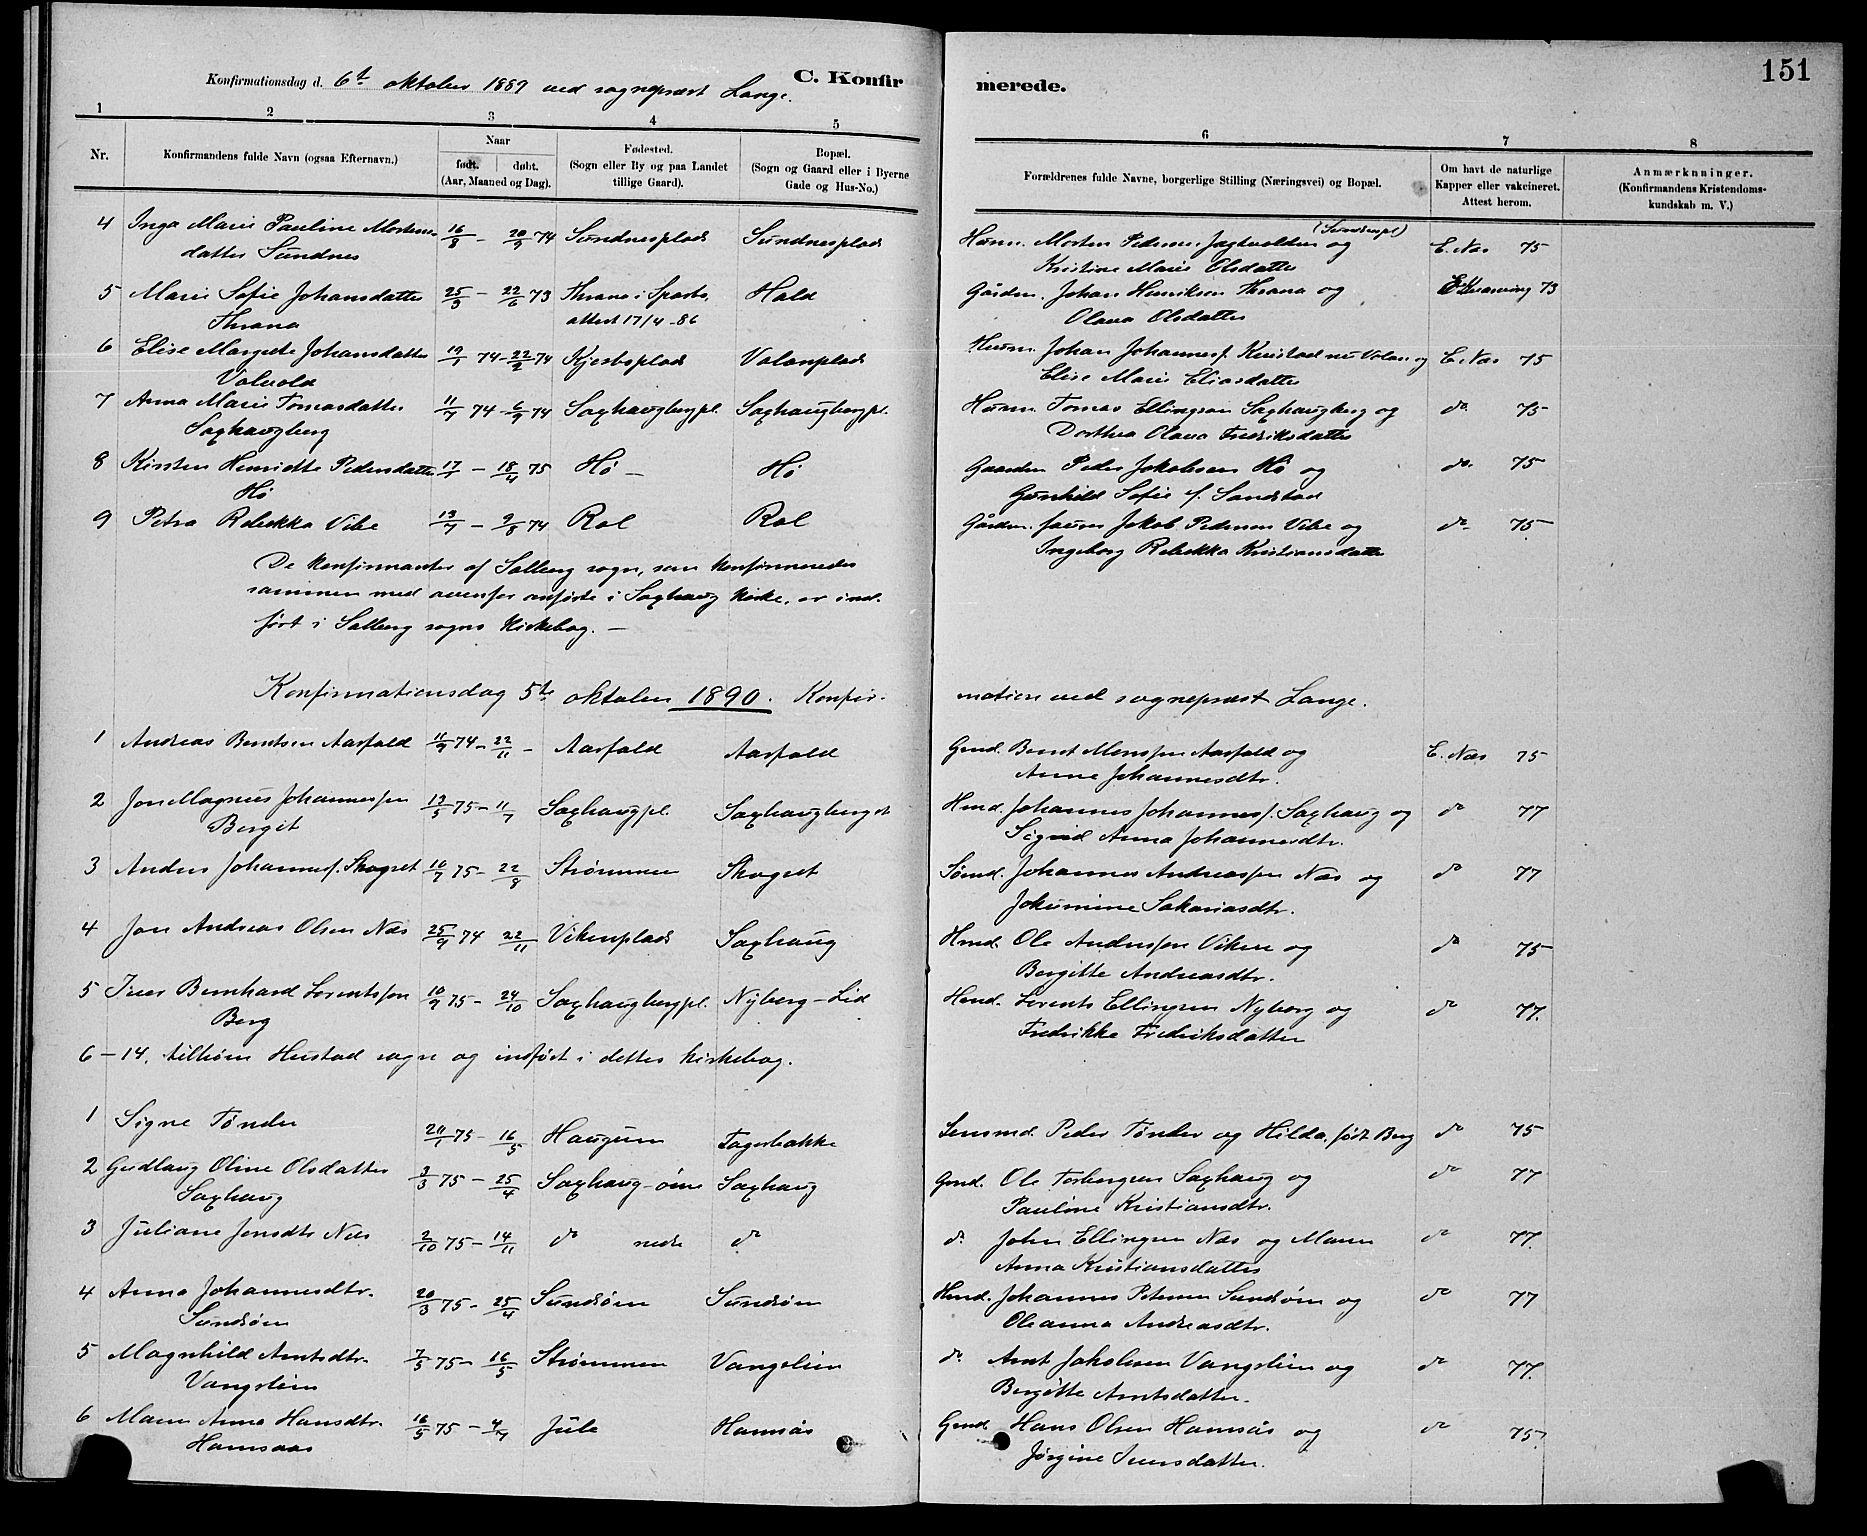 SAT, Ministerialprotokoller, klokkerbøker og fødselsregistre - Nord-Trøndelag, 730/L0301: Klokkerbok nr. 730C04, 1880-1897, s. 151